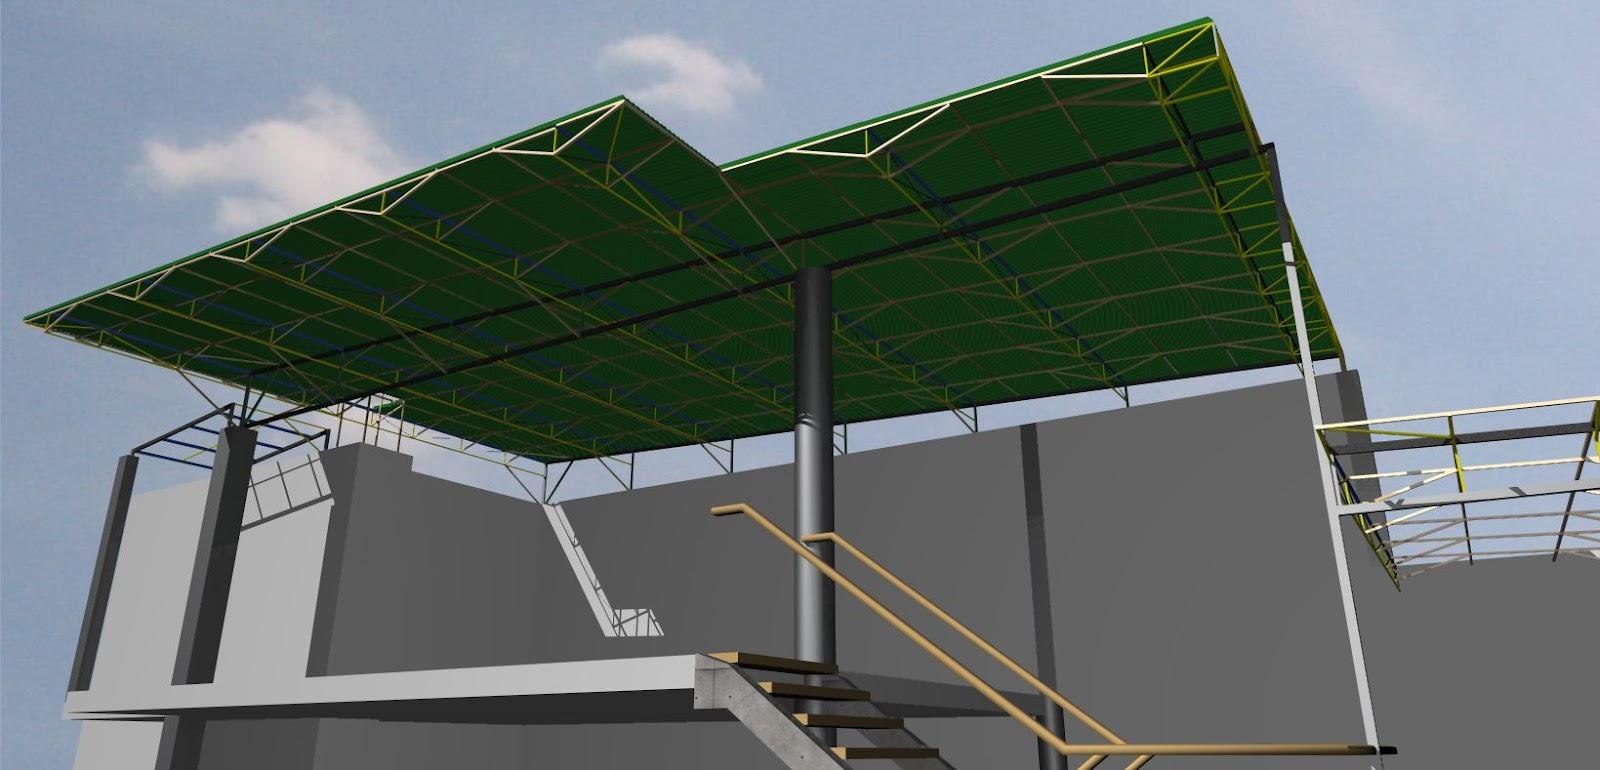 Santiago Des1gns Techo De Estructura Metalica Para Local